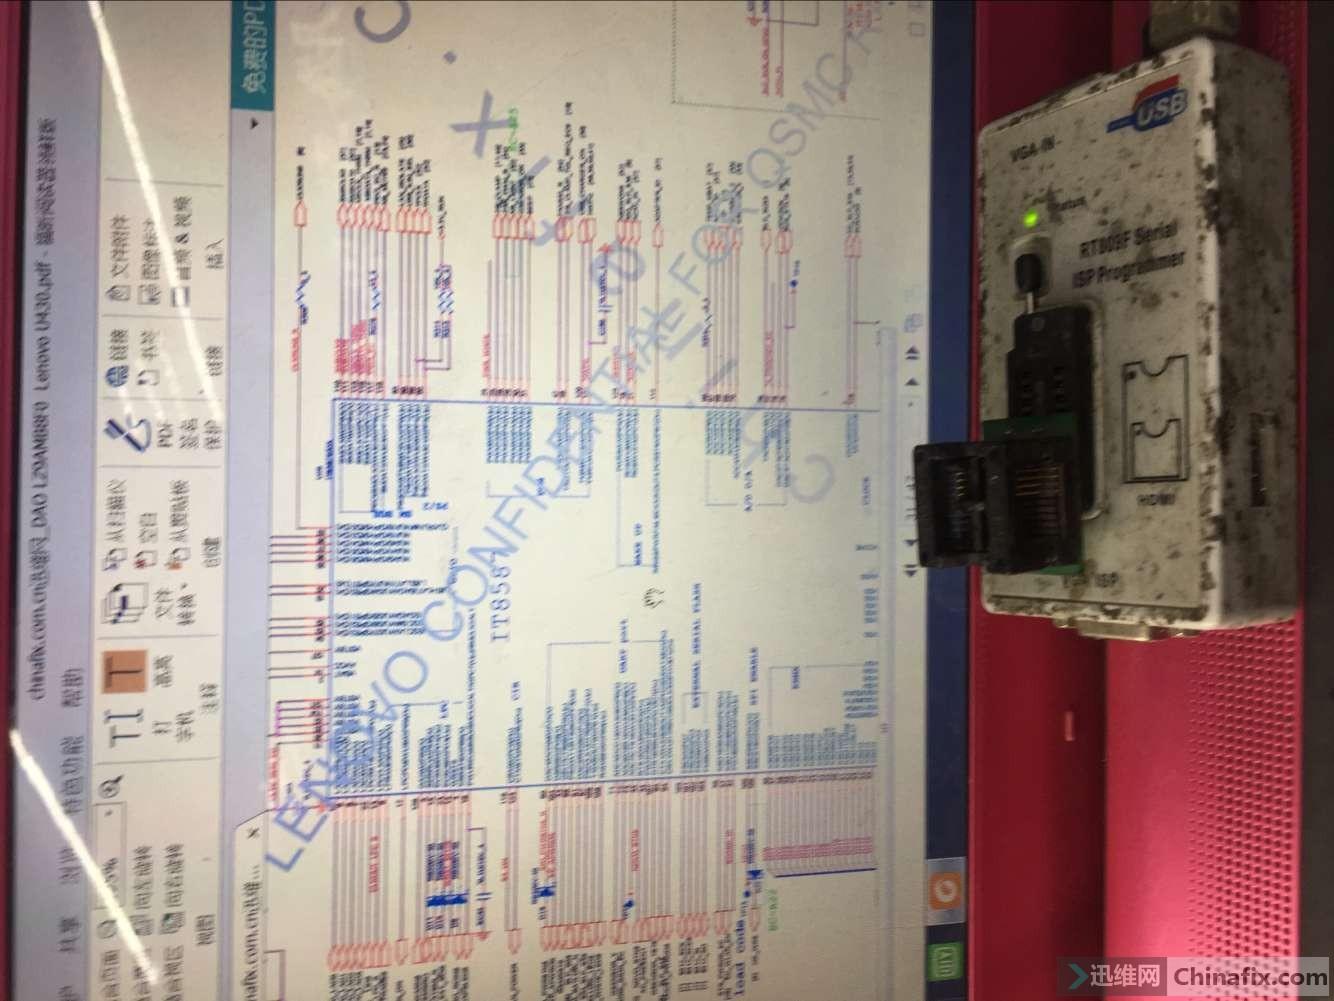 D1036585BB61077EC4183FCFCC8A2993.png